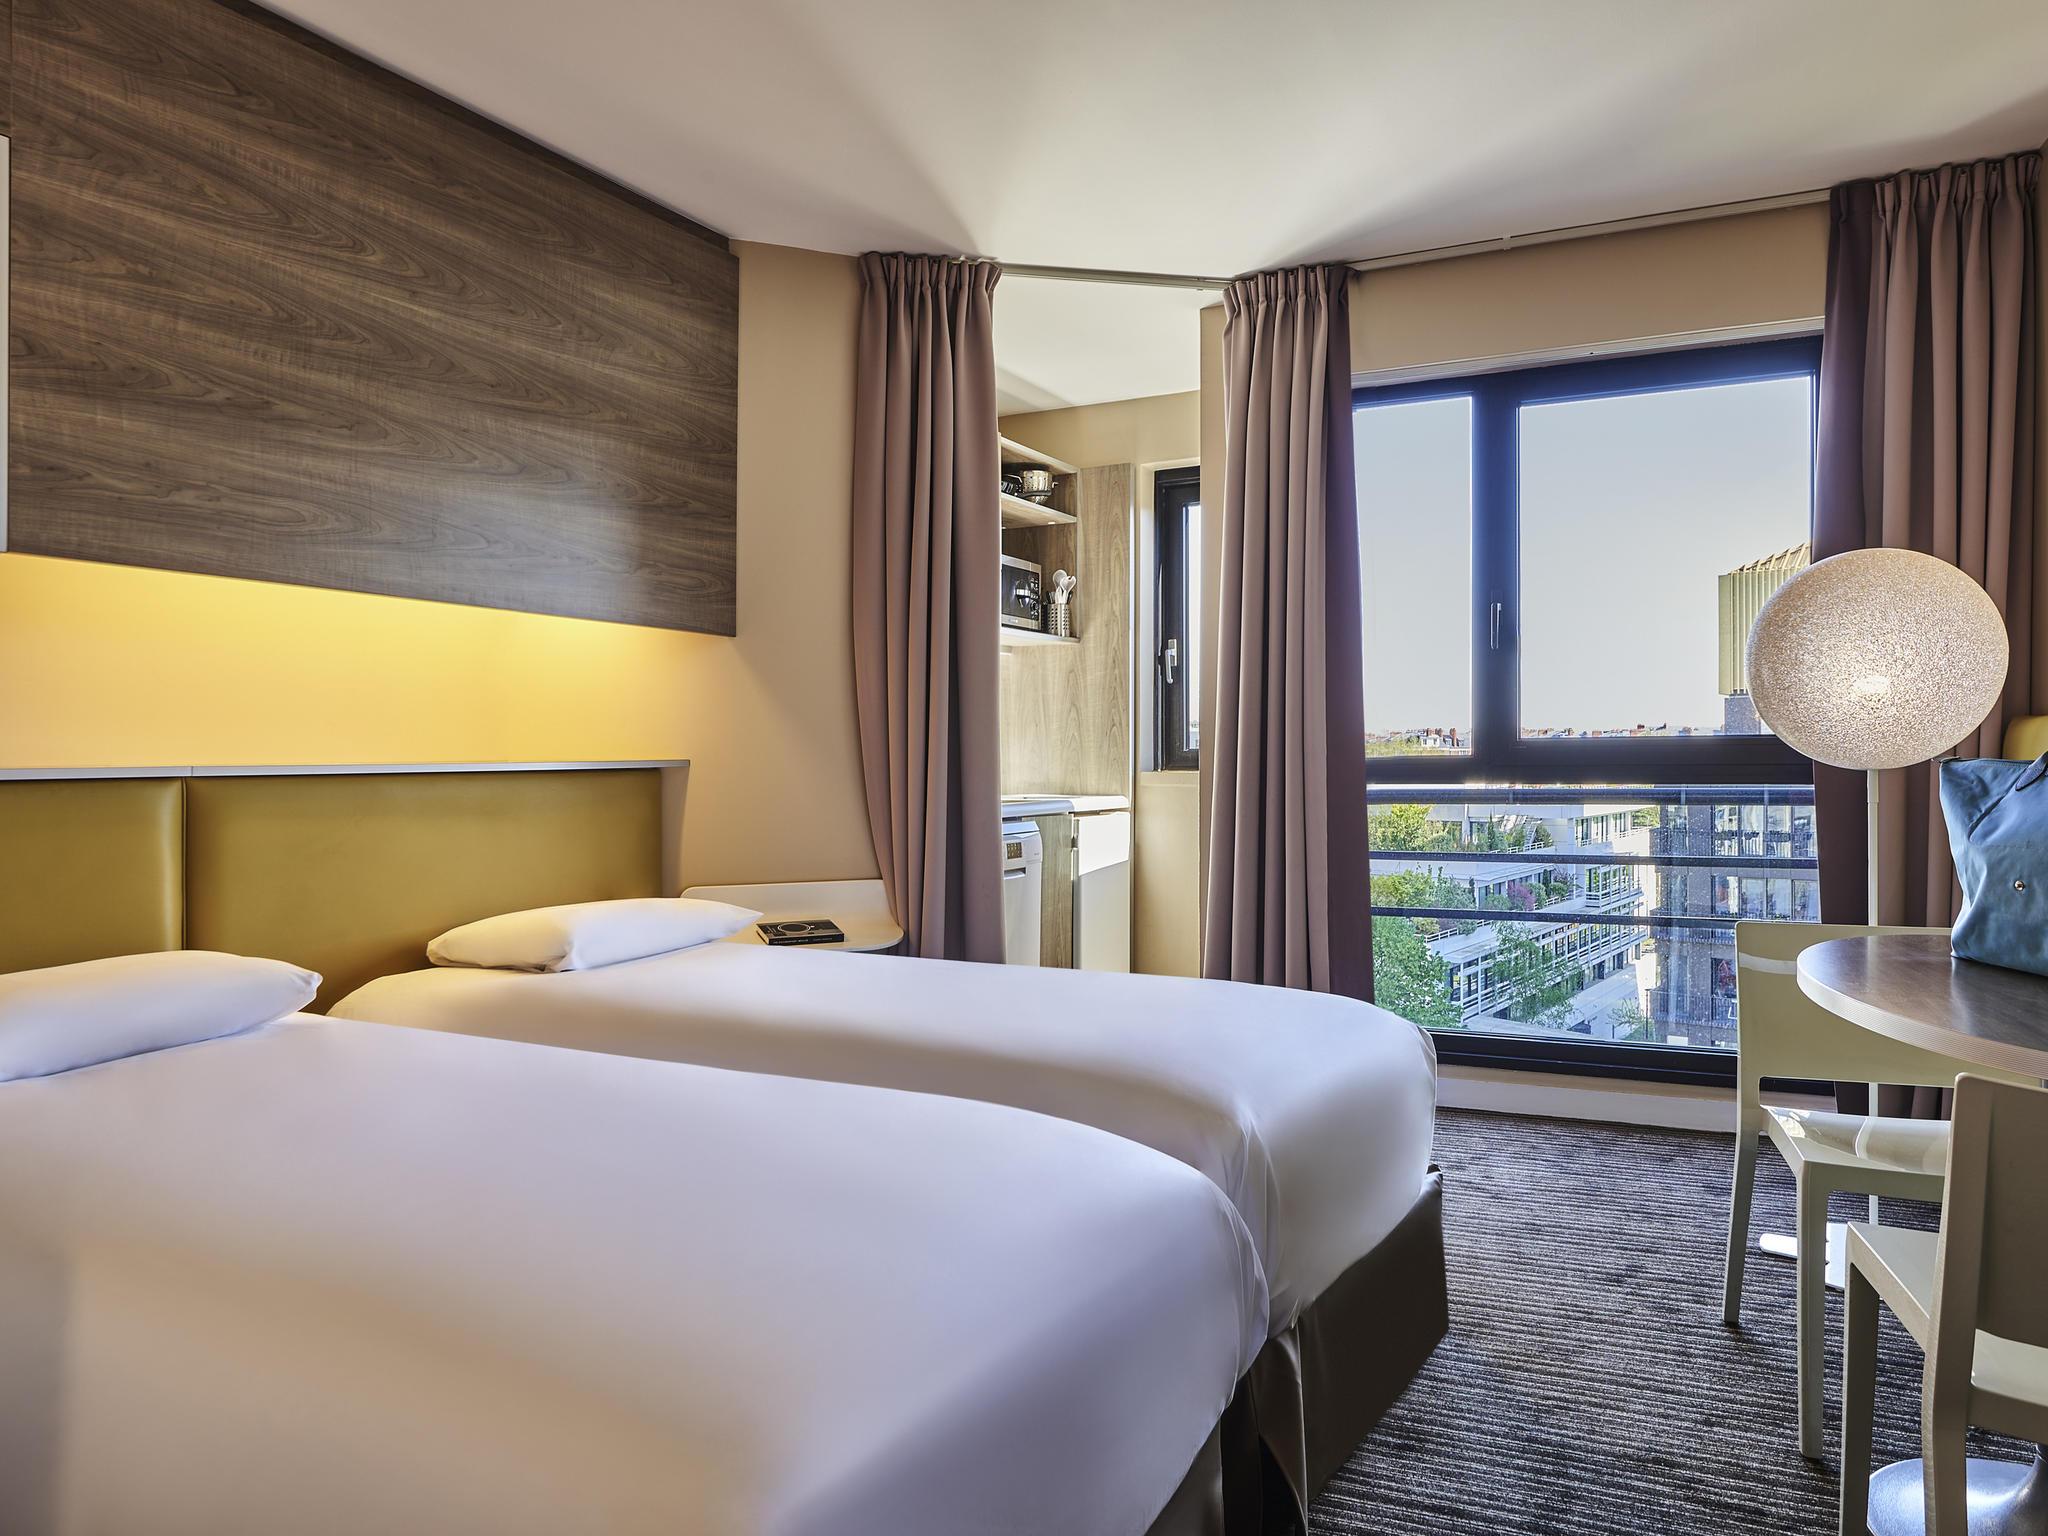 Hôtel - Apparthotel Mercure Paris Boulogne